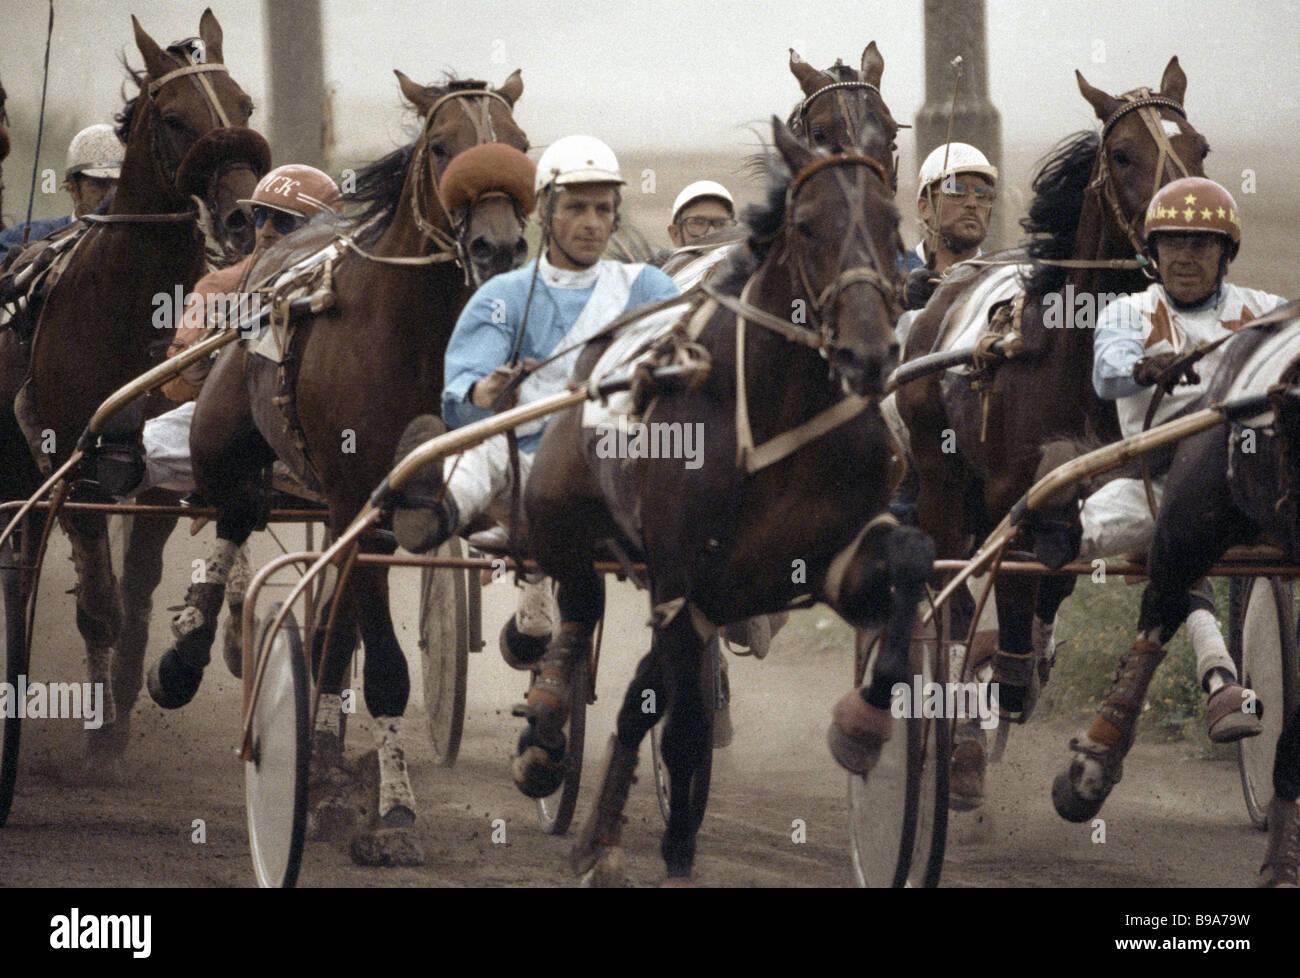 Un calor en el Hipódromo de Moscú Imagen De Stock